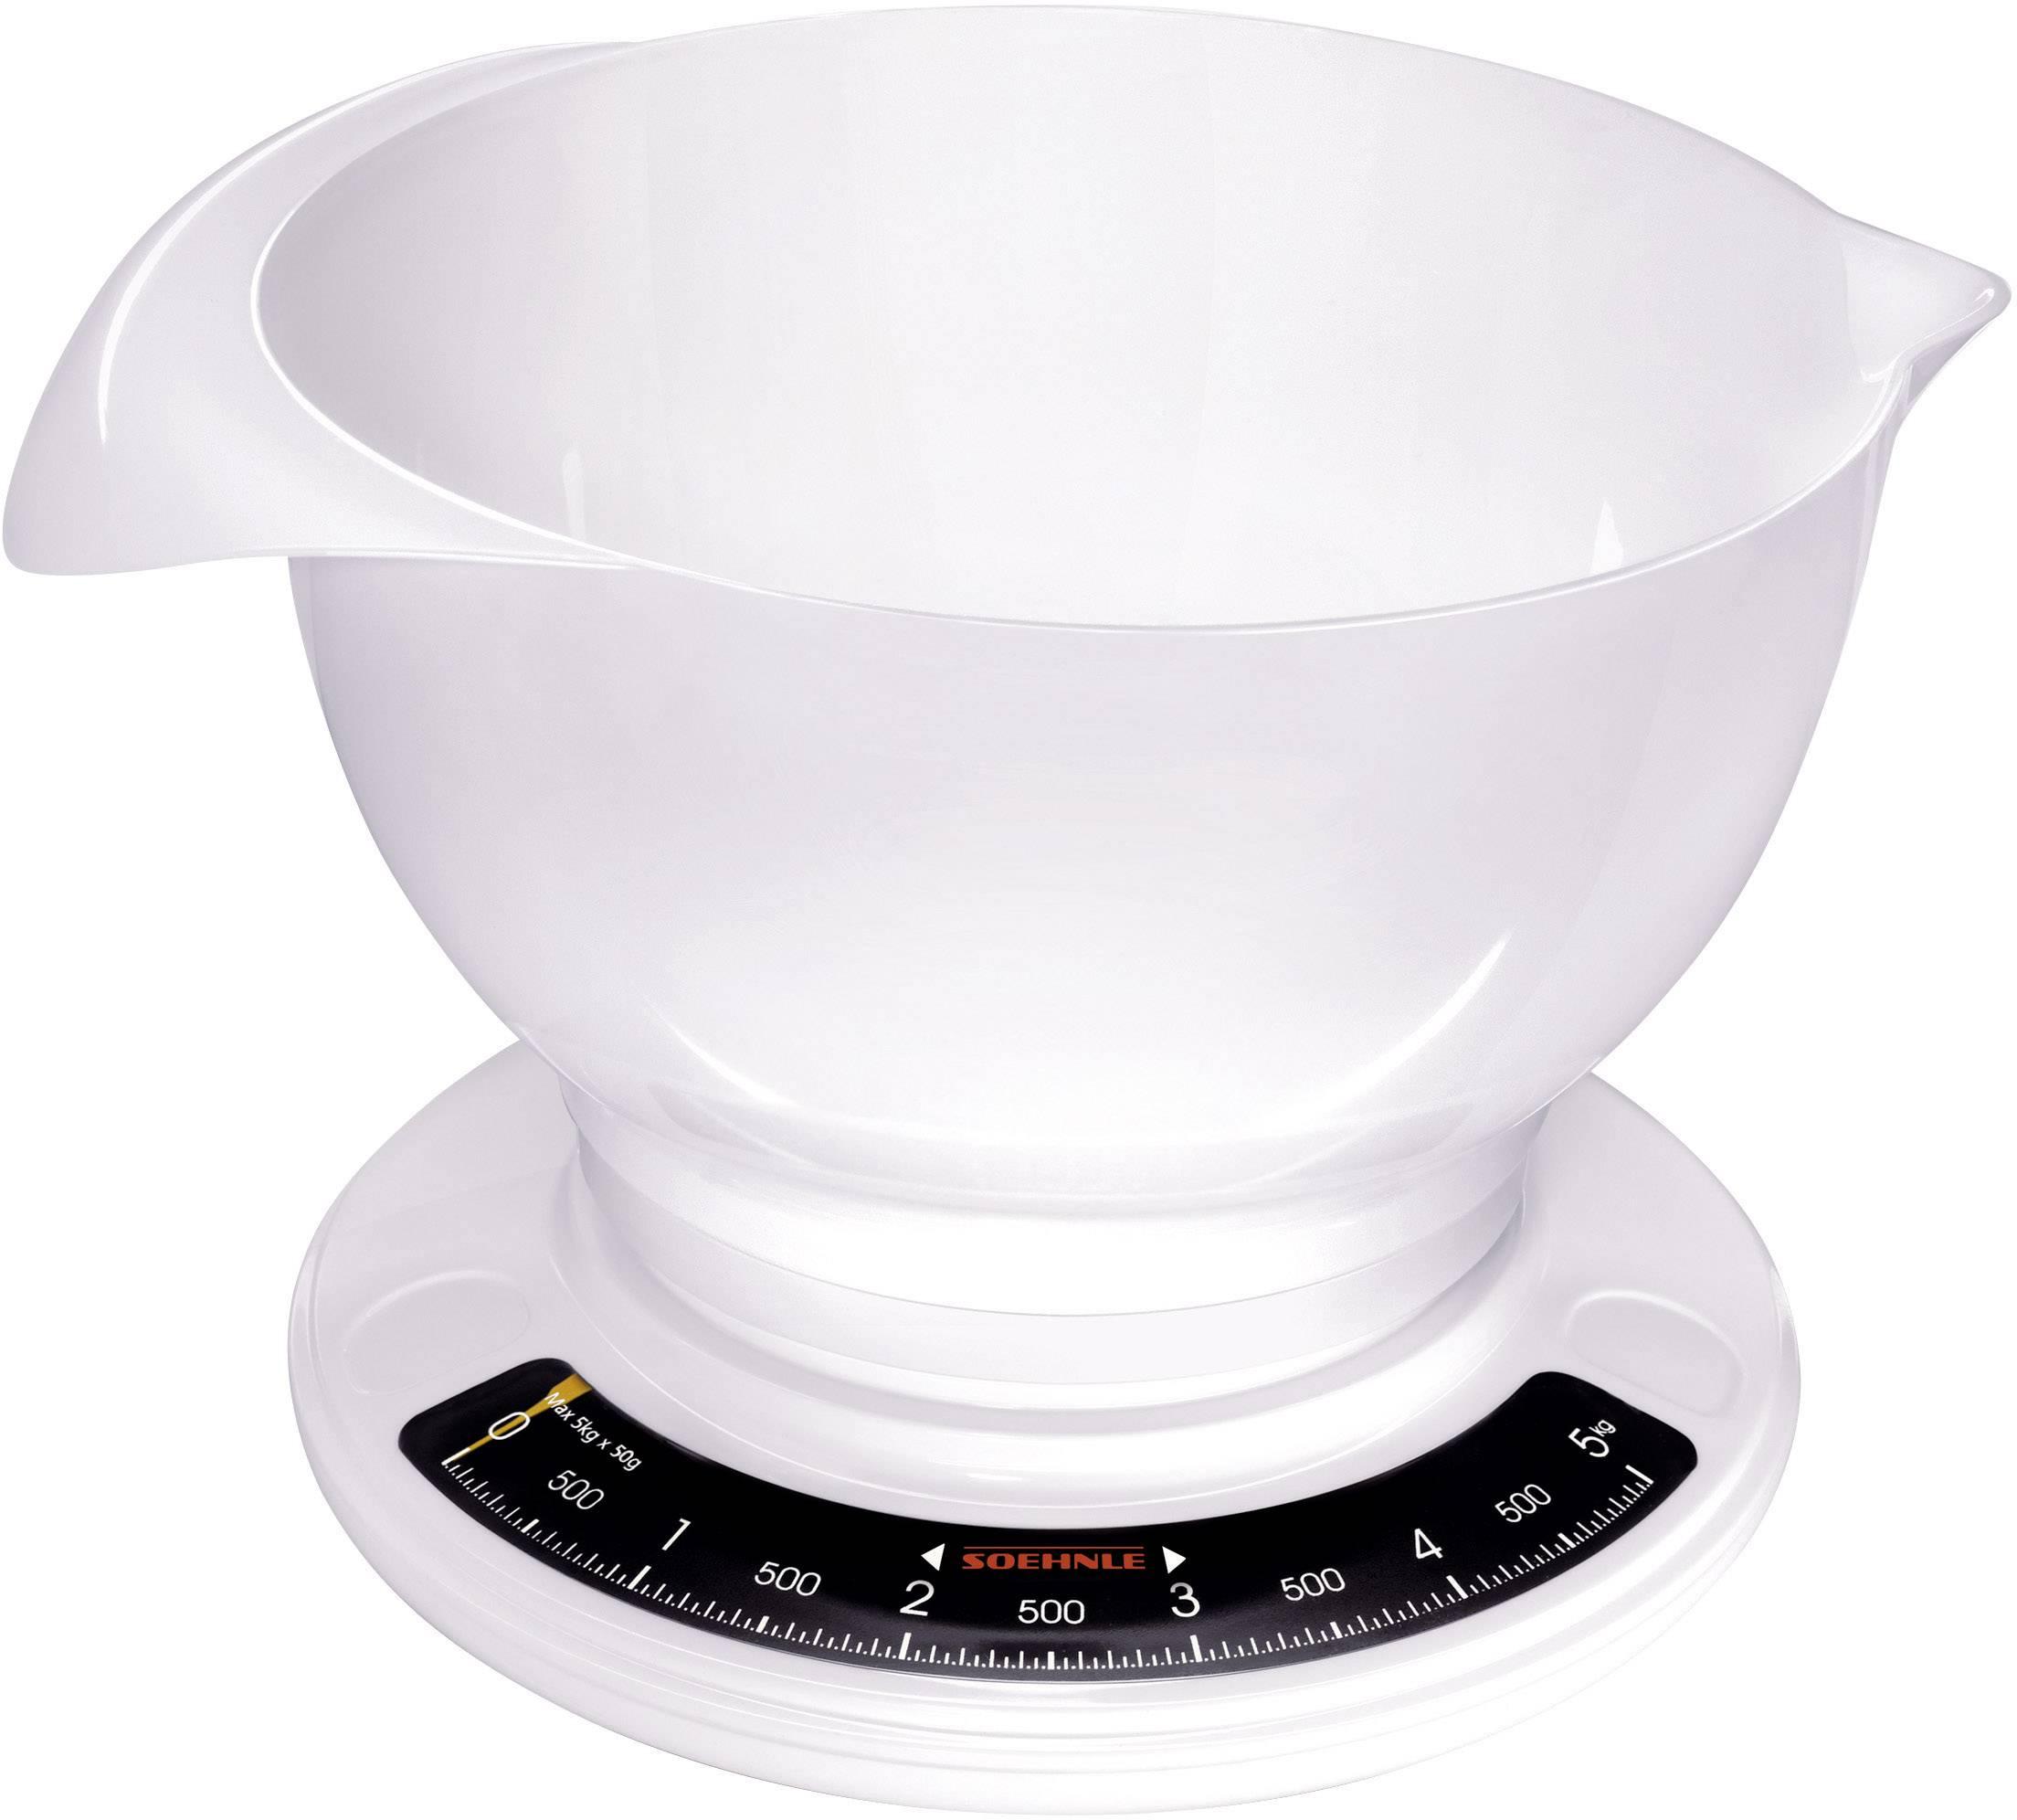 Mechanická, s odměrnou mísou kuchyňská váha Soehnle Culina Pro, bílá